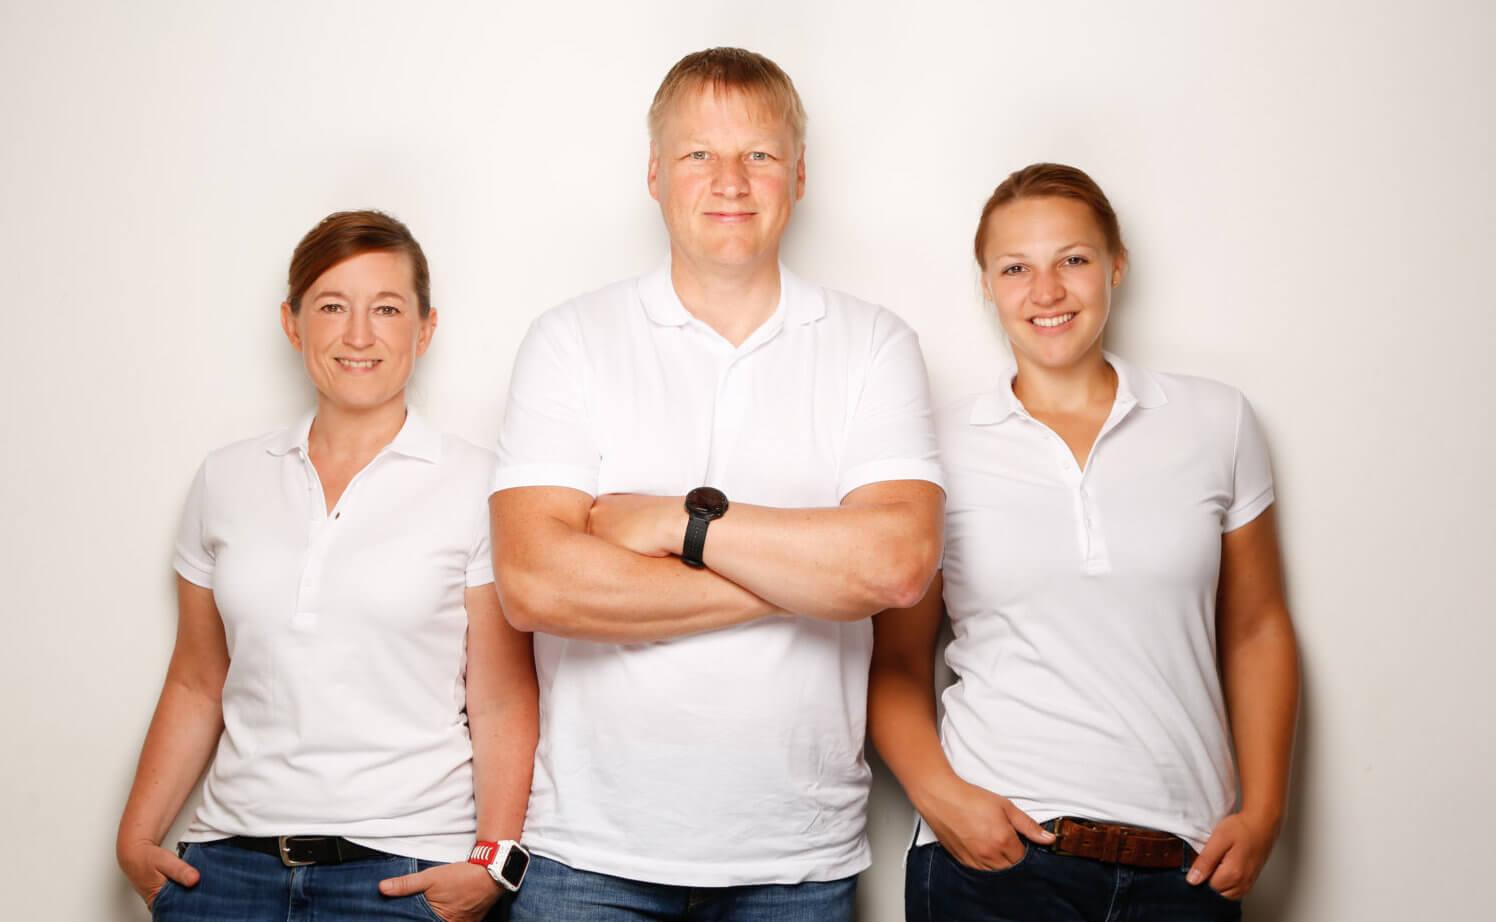 Sportschule Jüngling Website